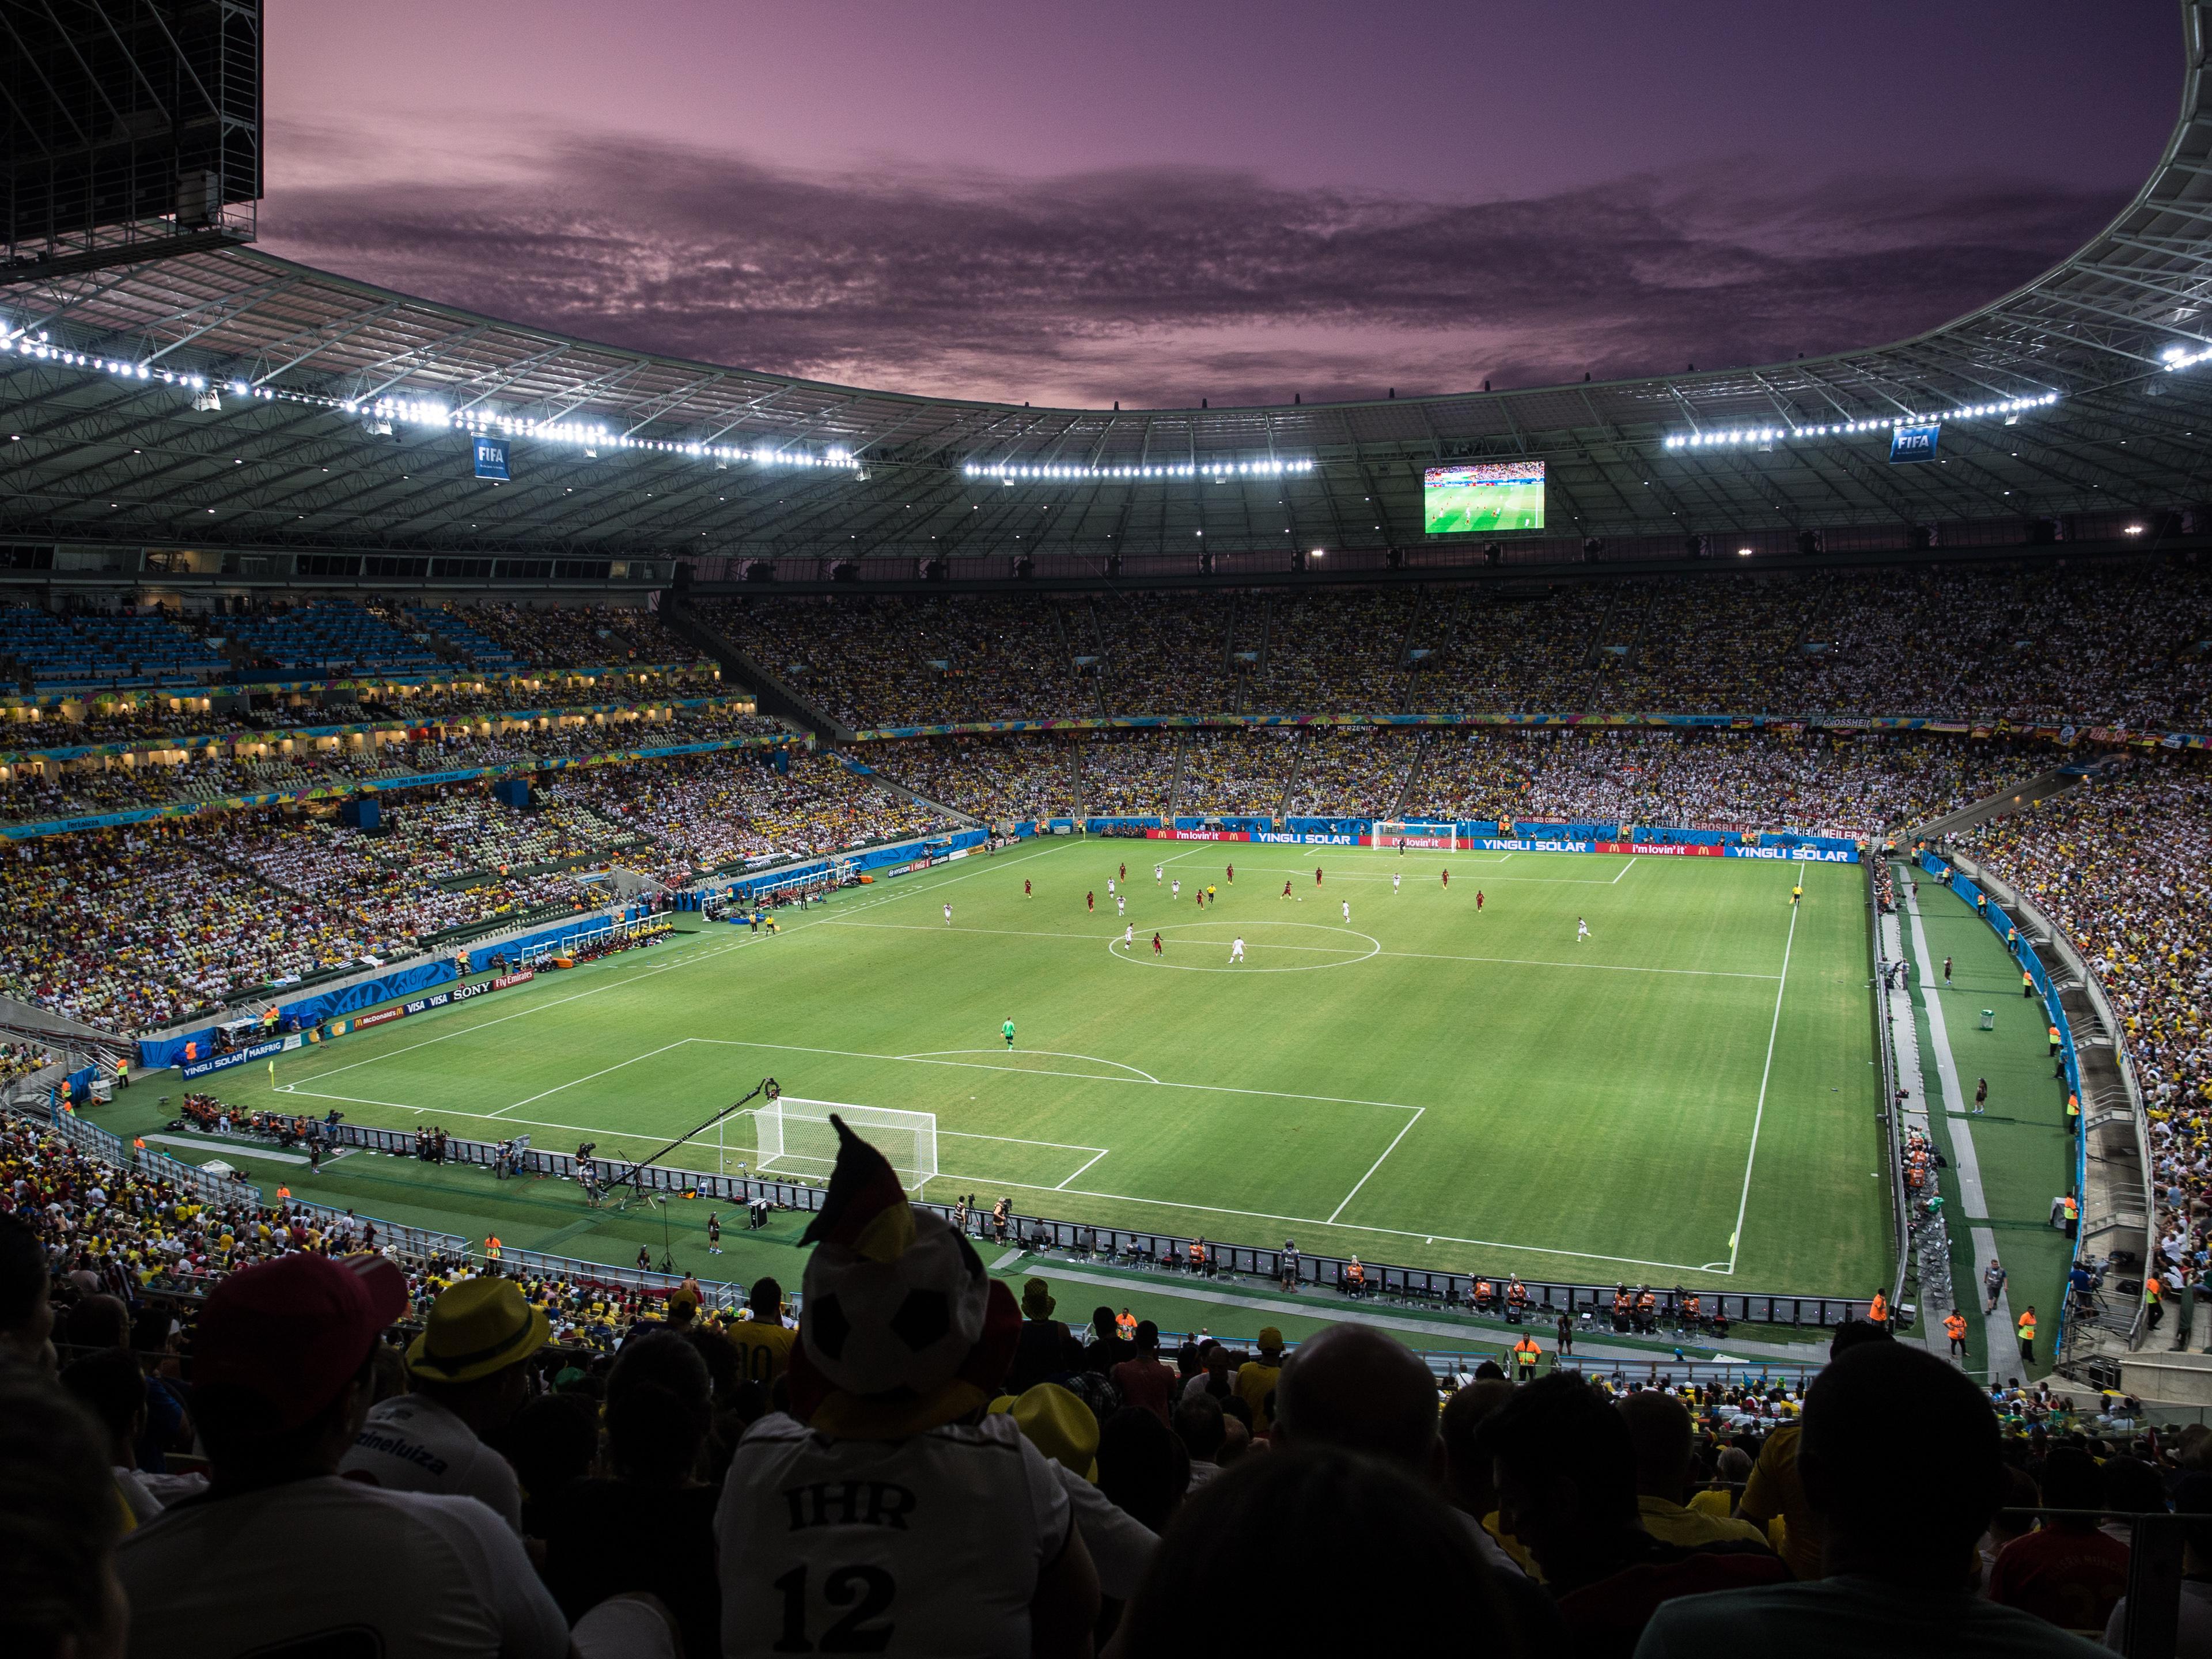 bresil-mondial-football-2014-01